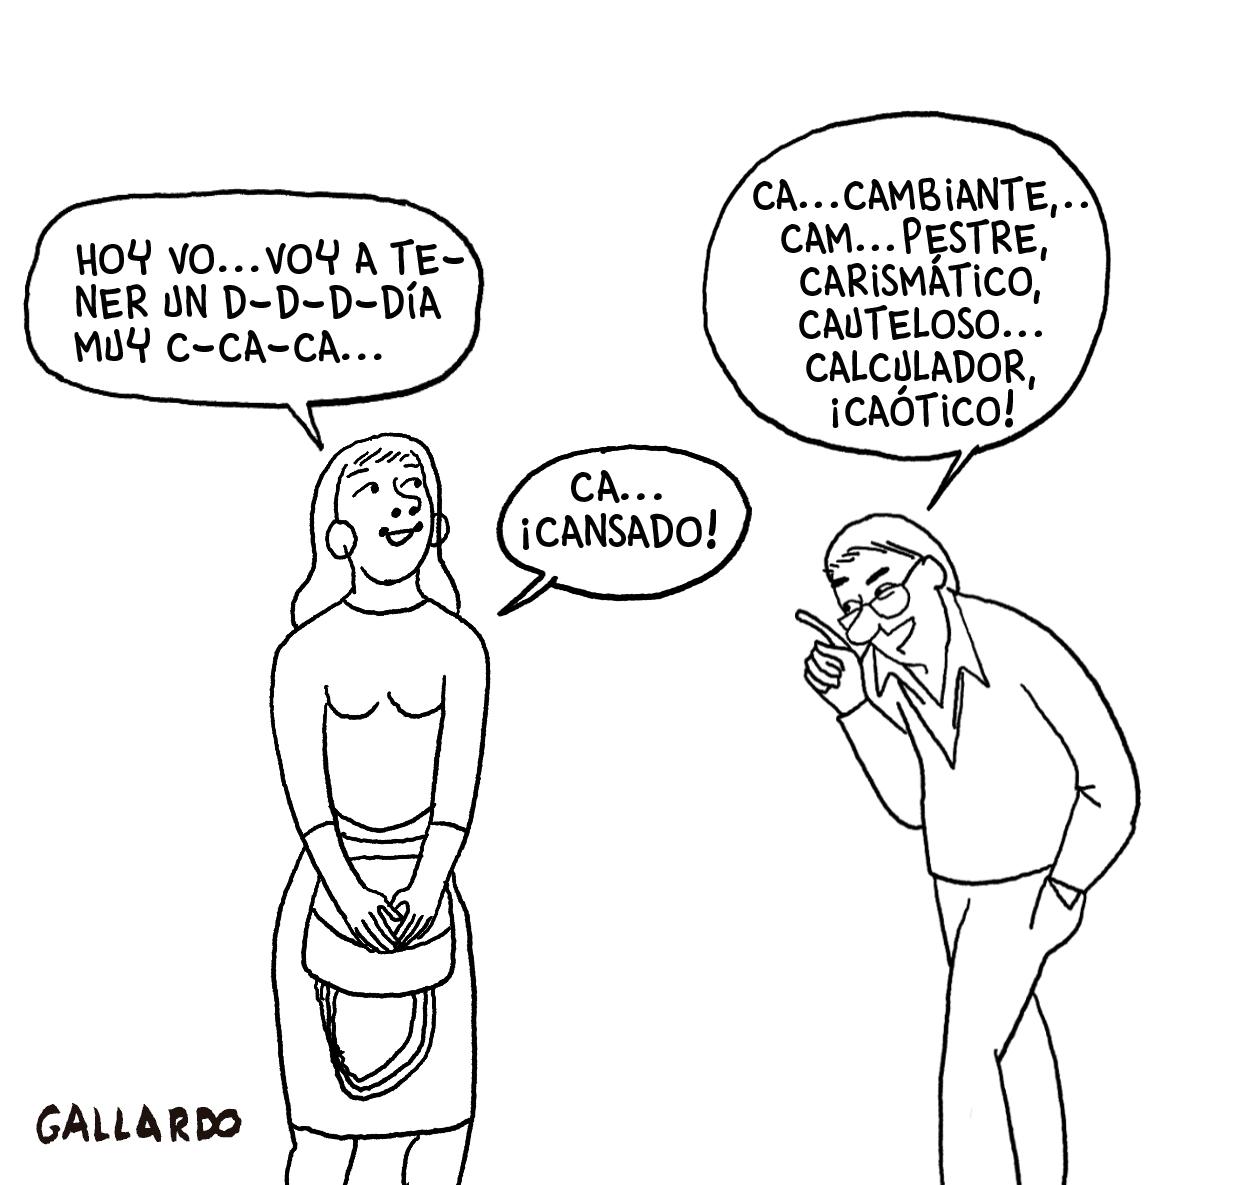 """Viñeta en blanco y negro. Una chica con el pelo largo le dice a un hombre de mediana edad con gafas: """"Ho… Hoy voy a tener un d… d… d… día muy ca… ca… ca…"""". El hombre le responde: """"Ca… cambiante, carismático, cauteloso, ¡calculador!, ¡caótico!"""". Ella le contesta: """"¡Cansado!"""". Viñeta de Gallardo."""